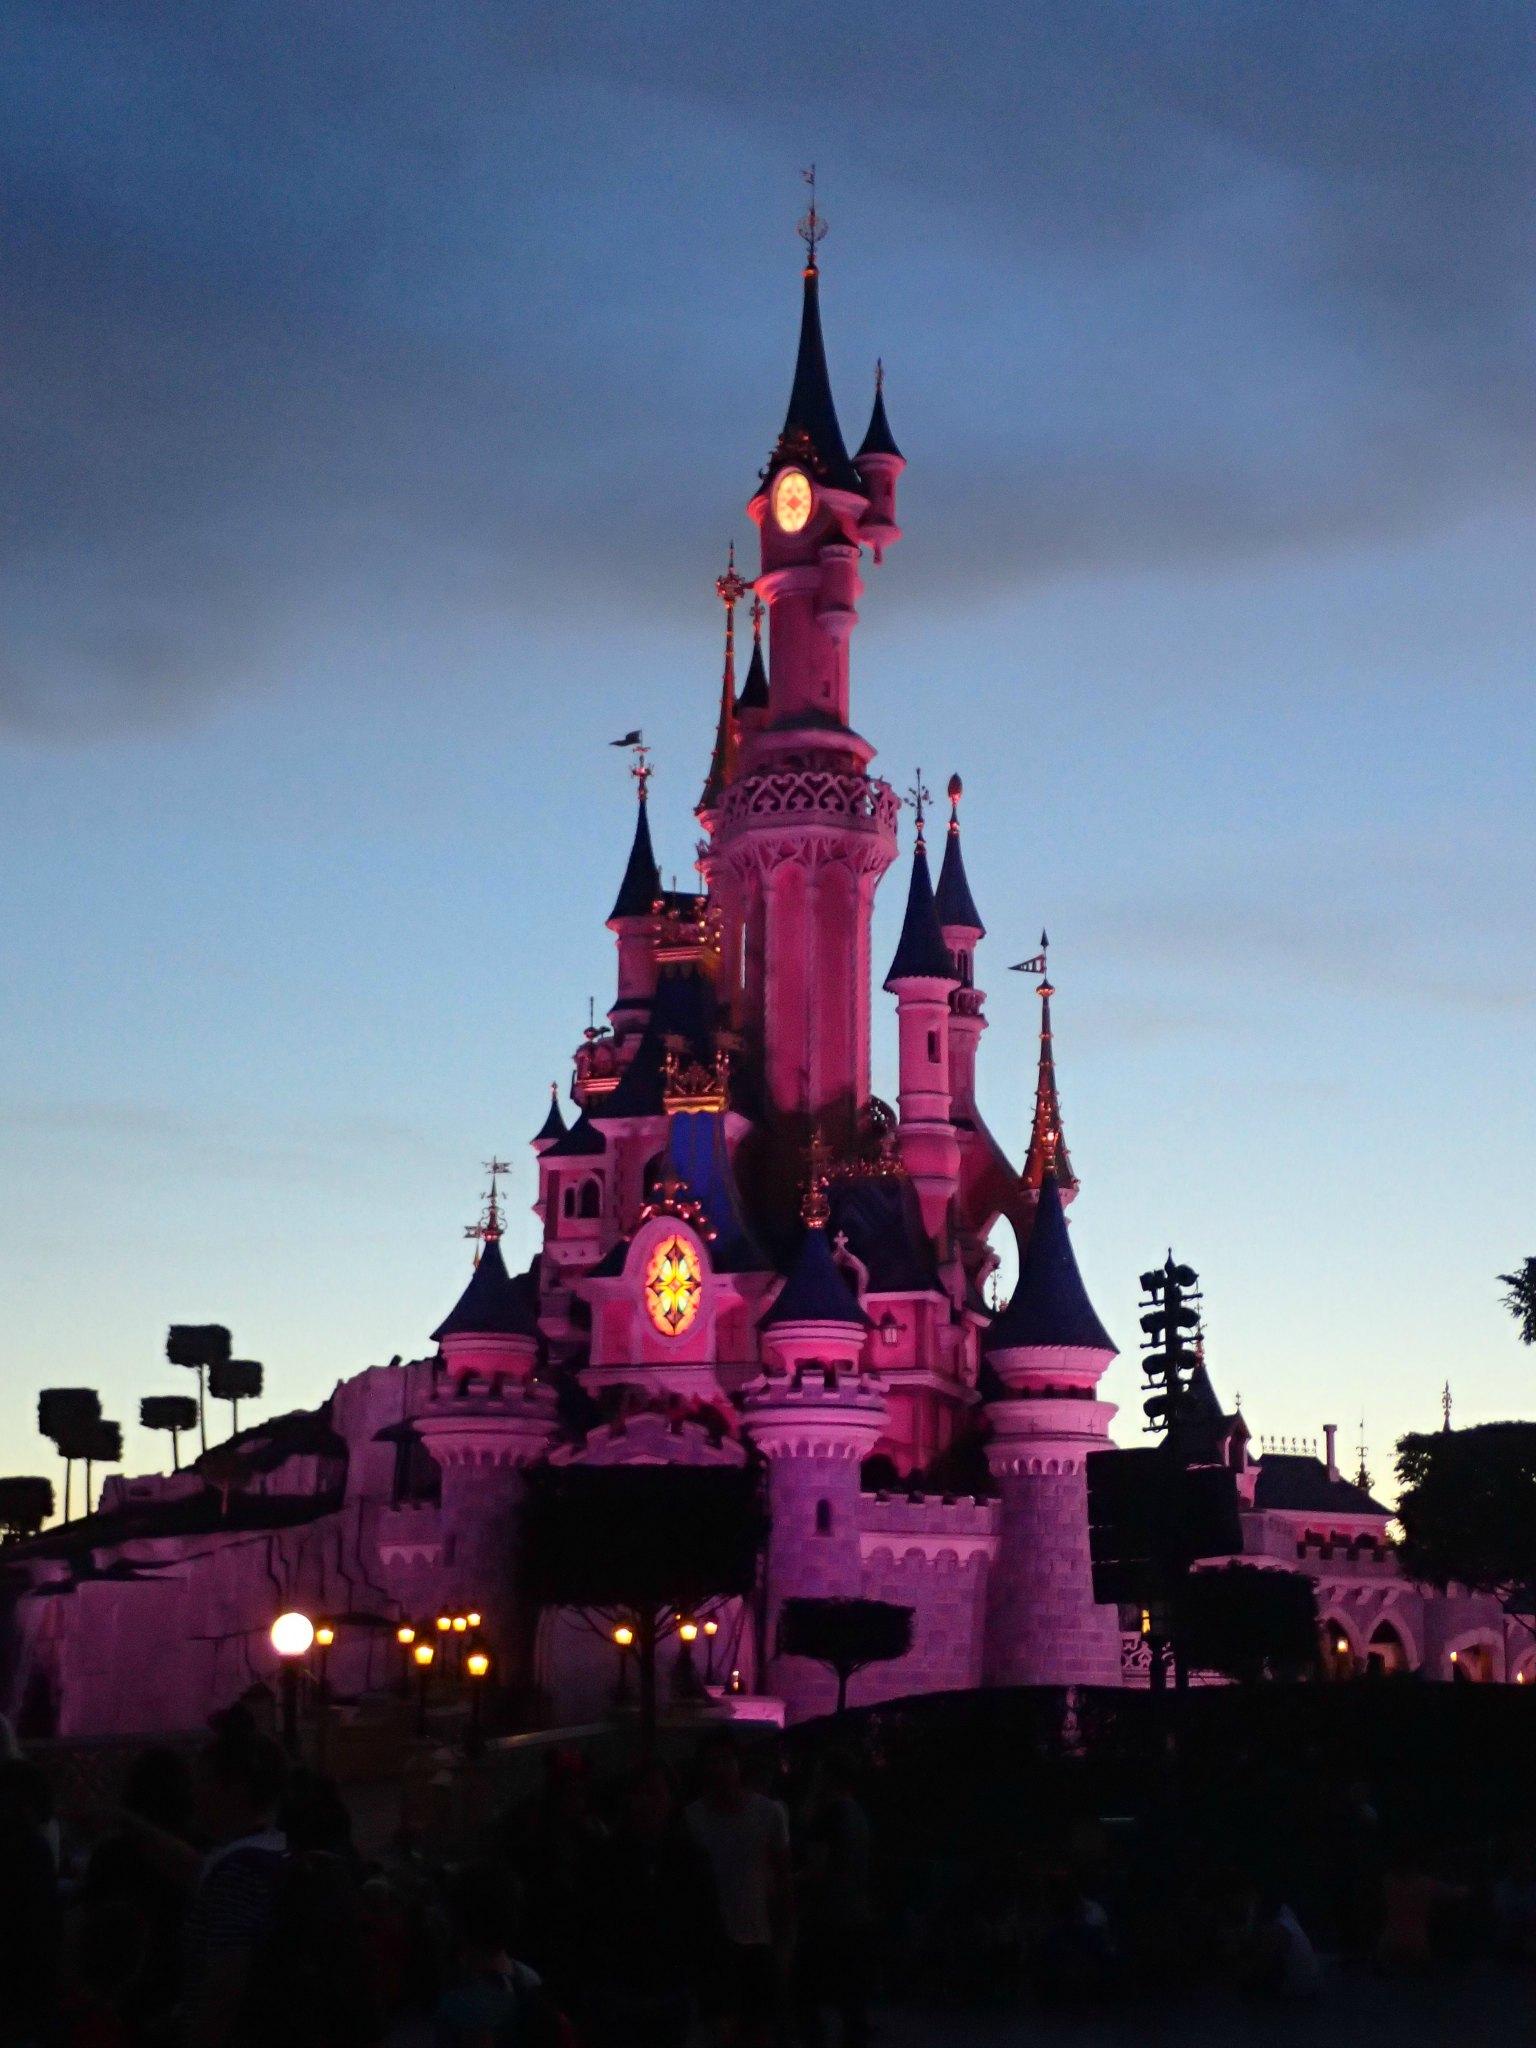 Disney castle by night